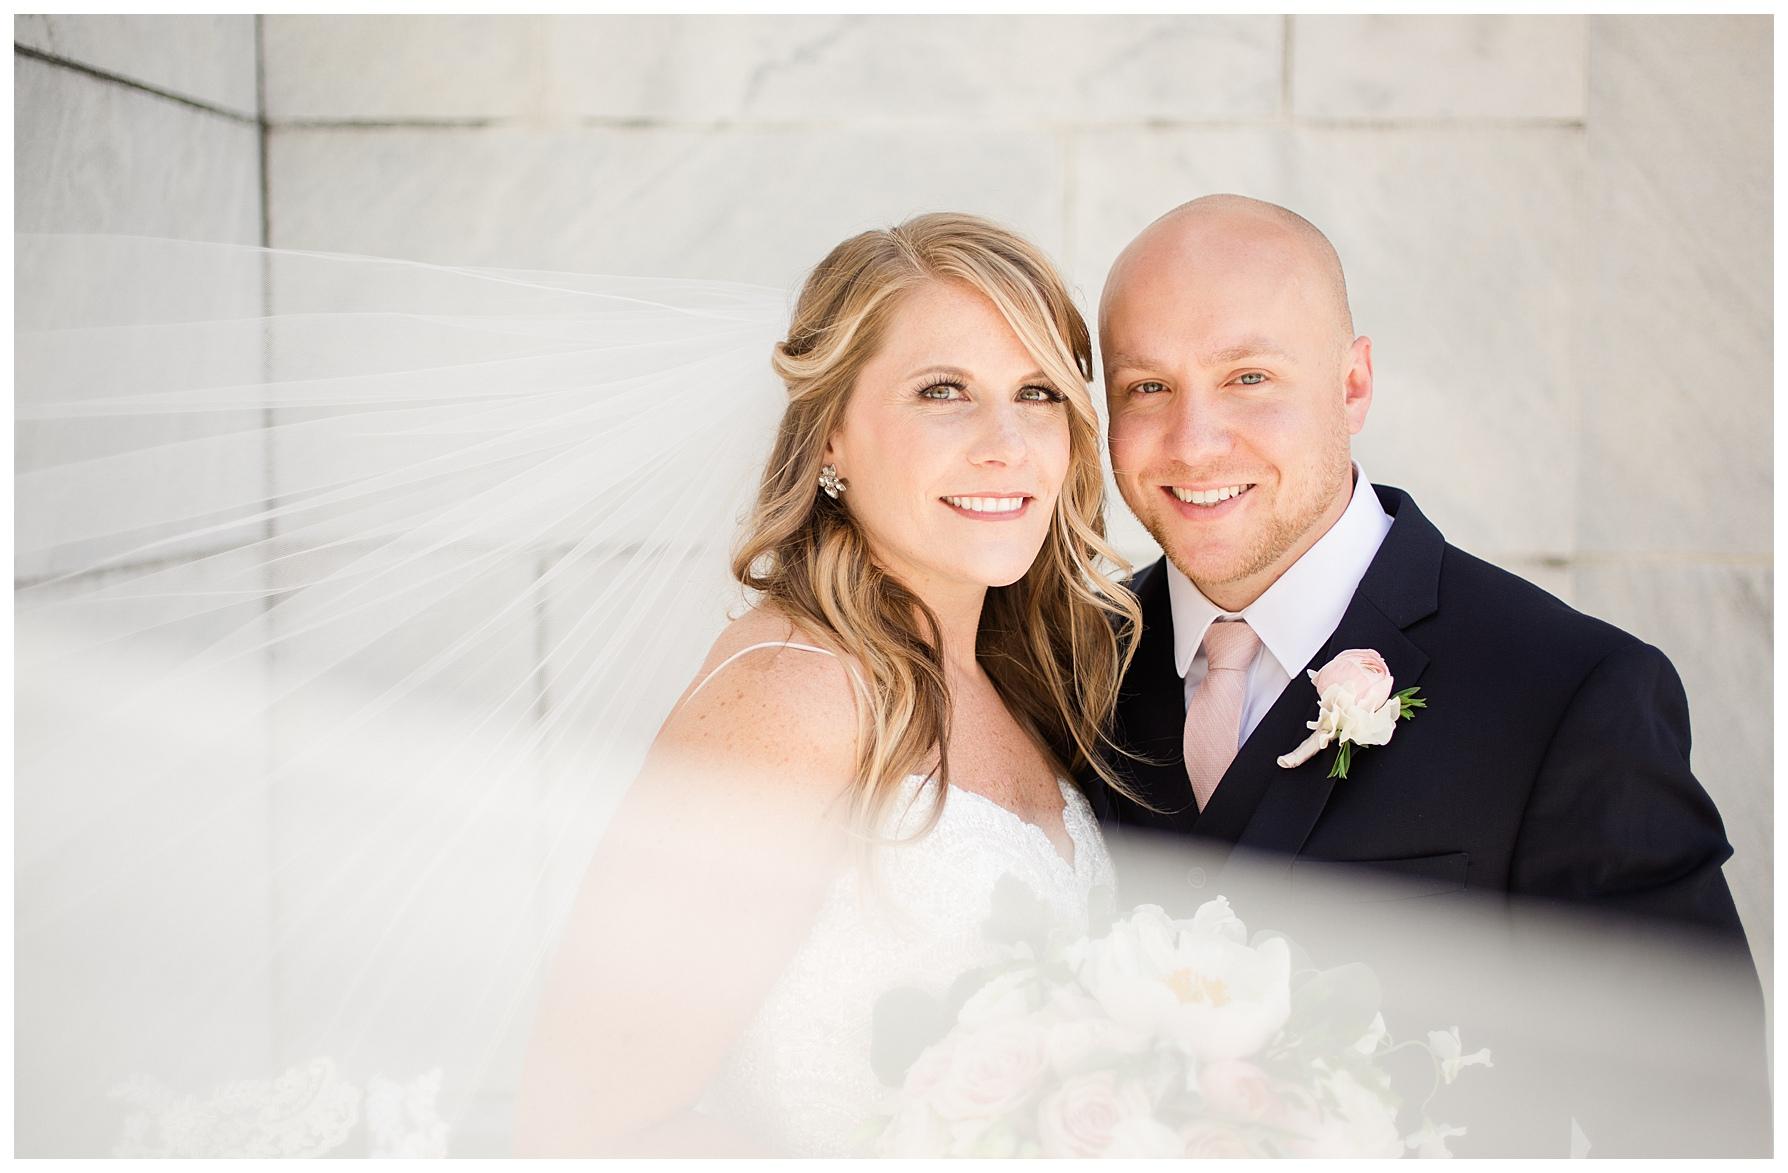 columbus-wedding-portratis-bride-groom_0026.jpg